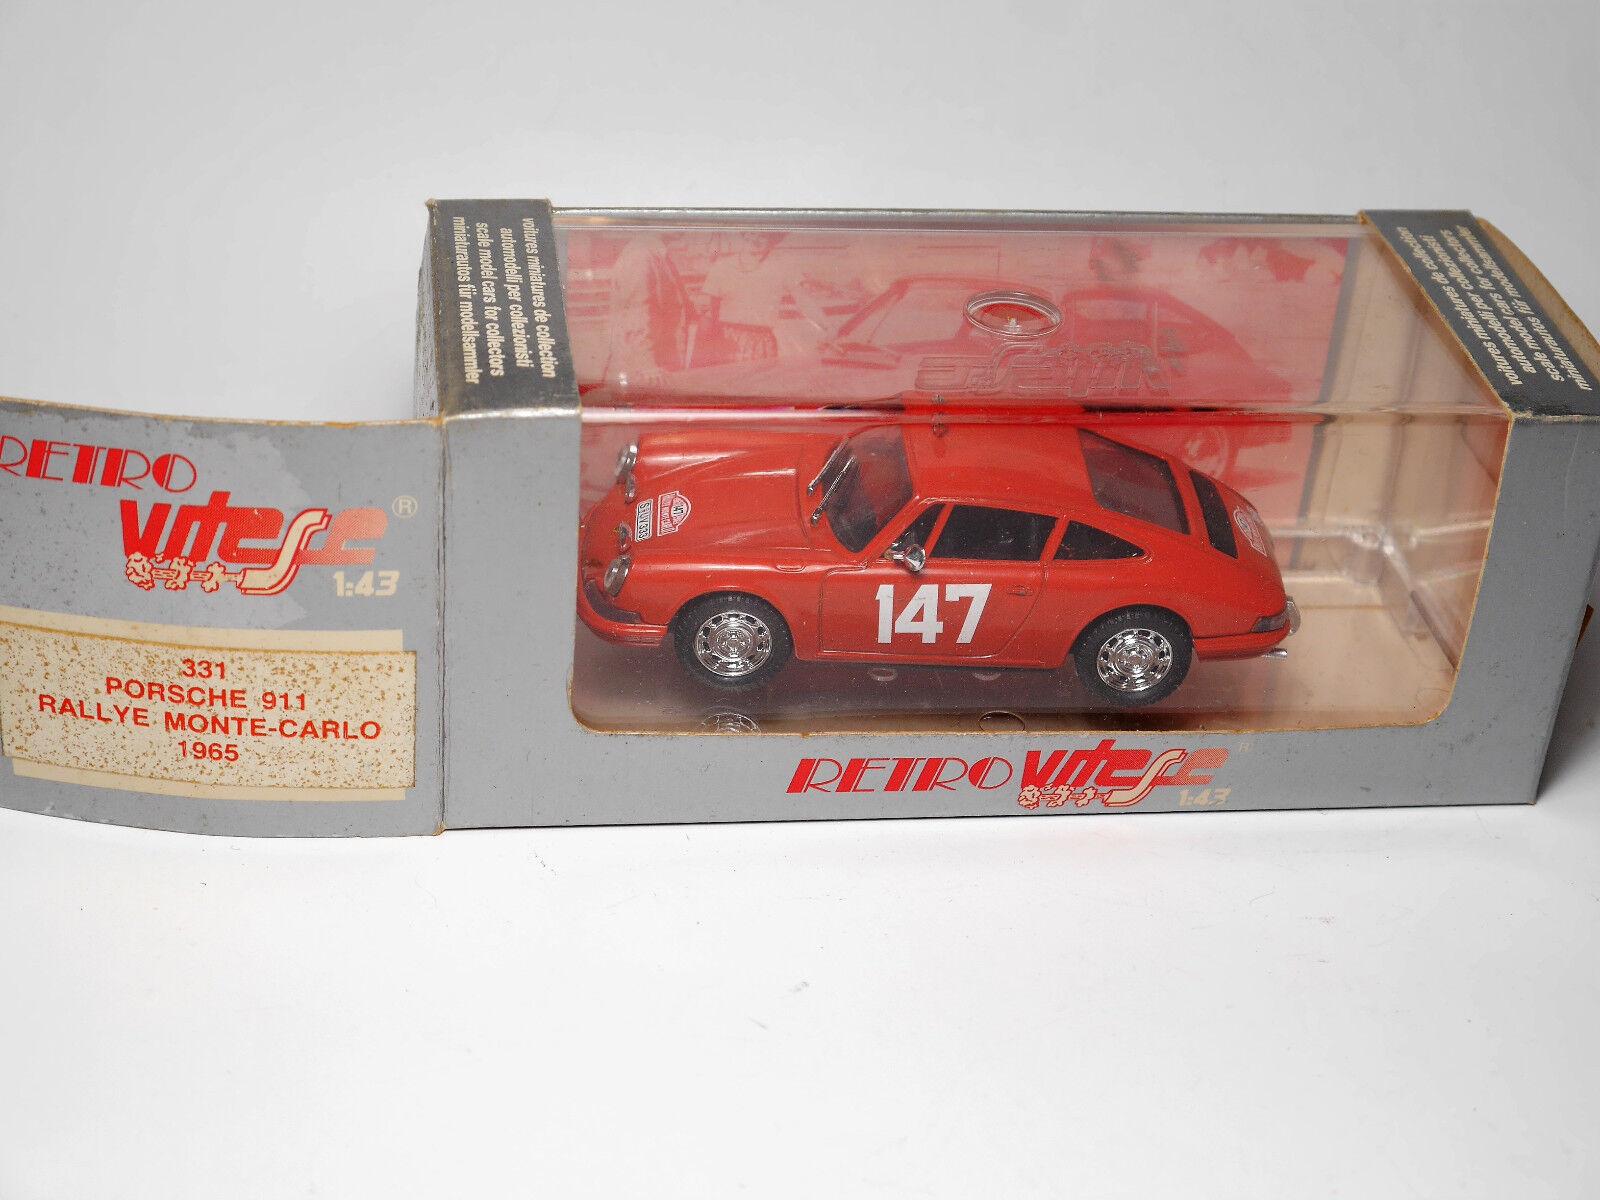 Porsche 911 RALLY  RALLYE MONTE CARLO 1965   147, vitesse de 1 43 en boîte